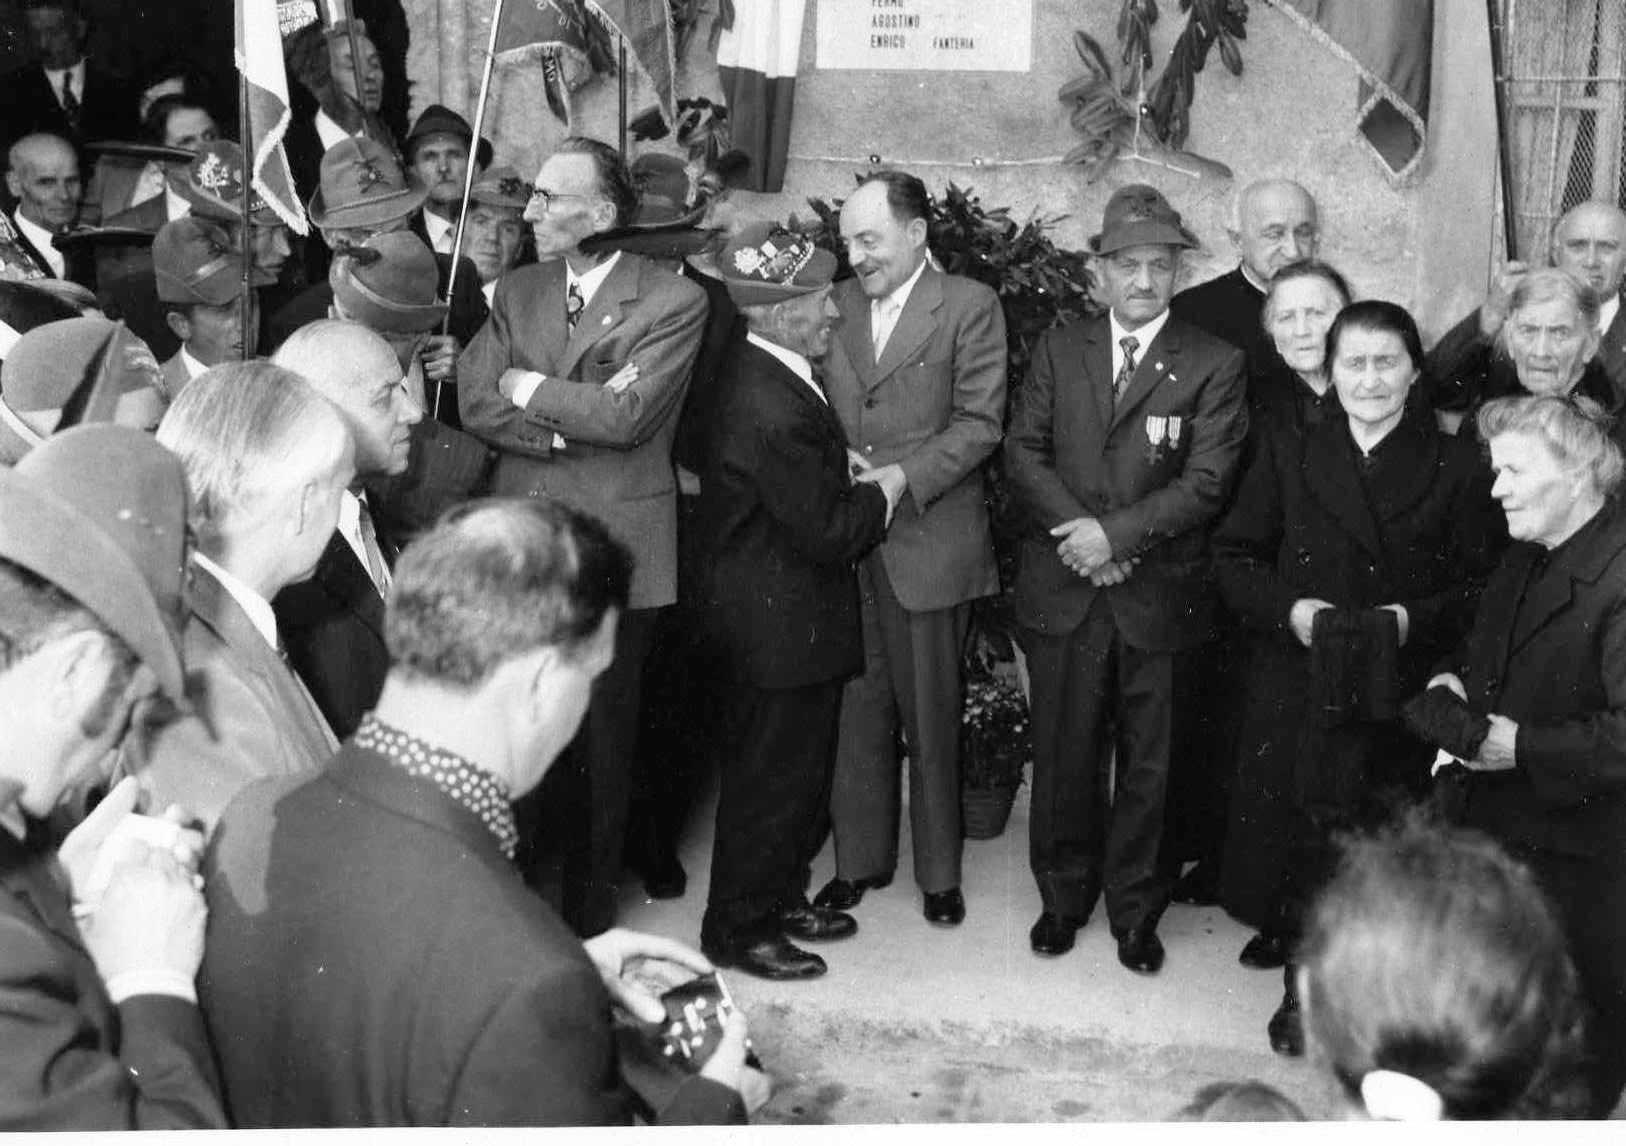 I fratelli dei 4 Combattenti Carrara all'inaugurazione della targa ricordo sulla casa di Amora Bassa, 8-10-1972, insieme all'onorevole Giuseppe Belotti e a don Bepo Vavassori